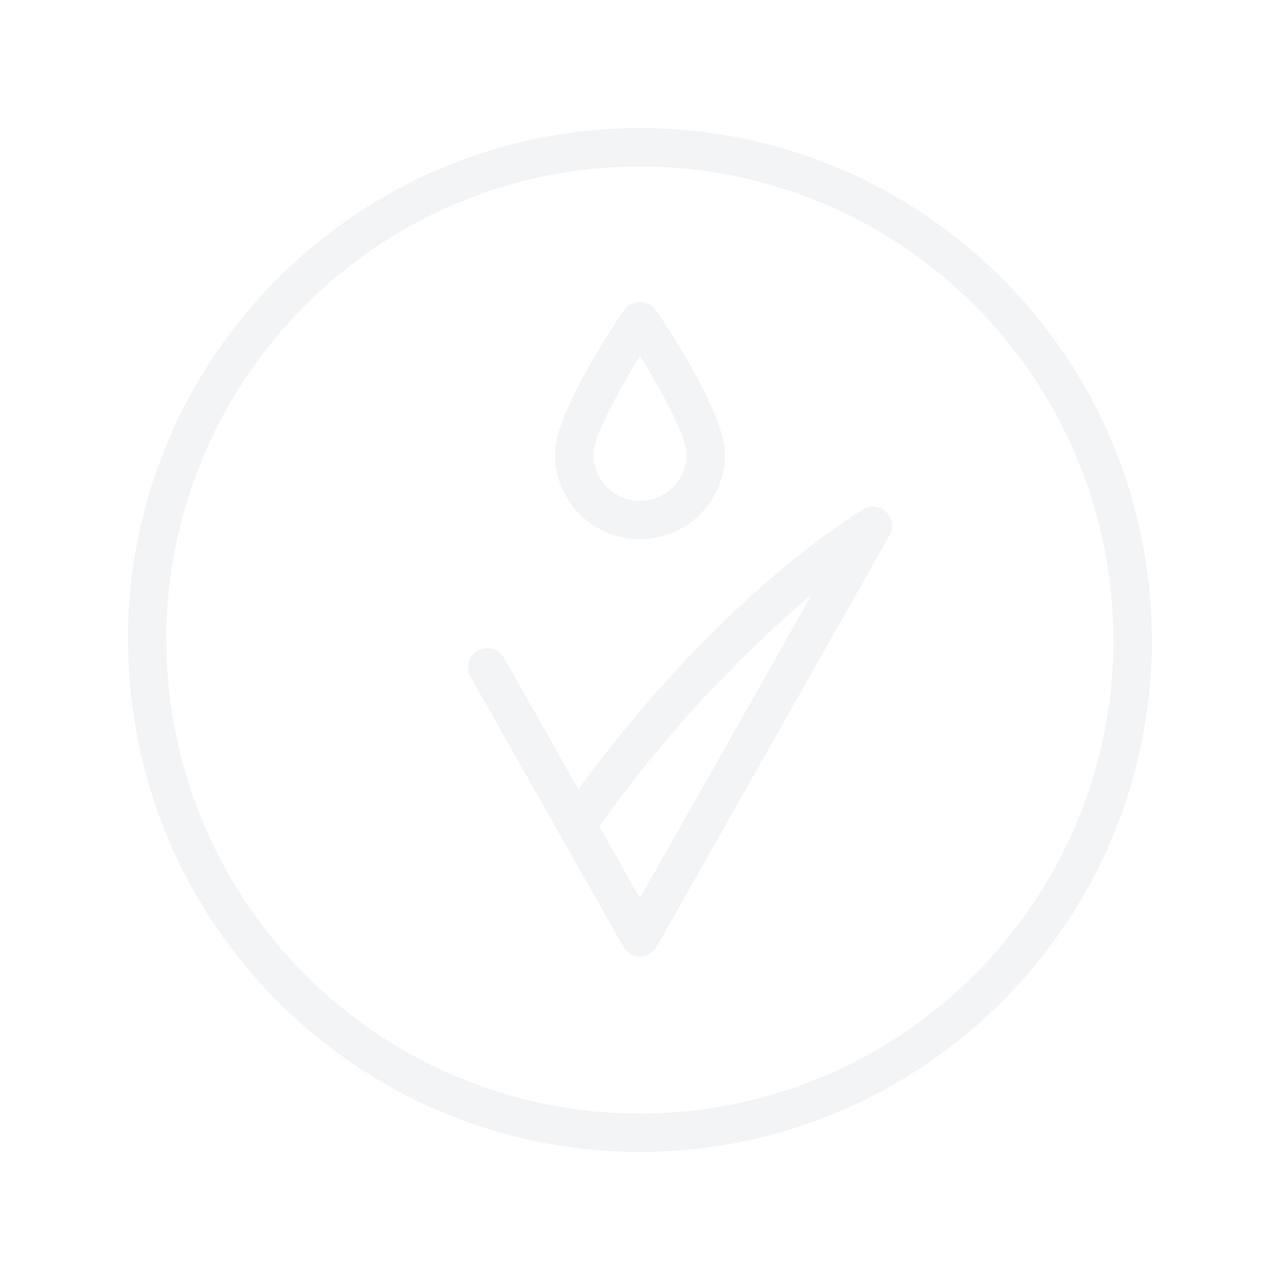 Calvin Klein CK Be EDT 100ml